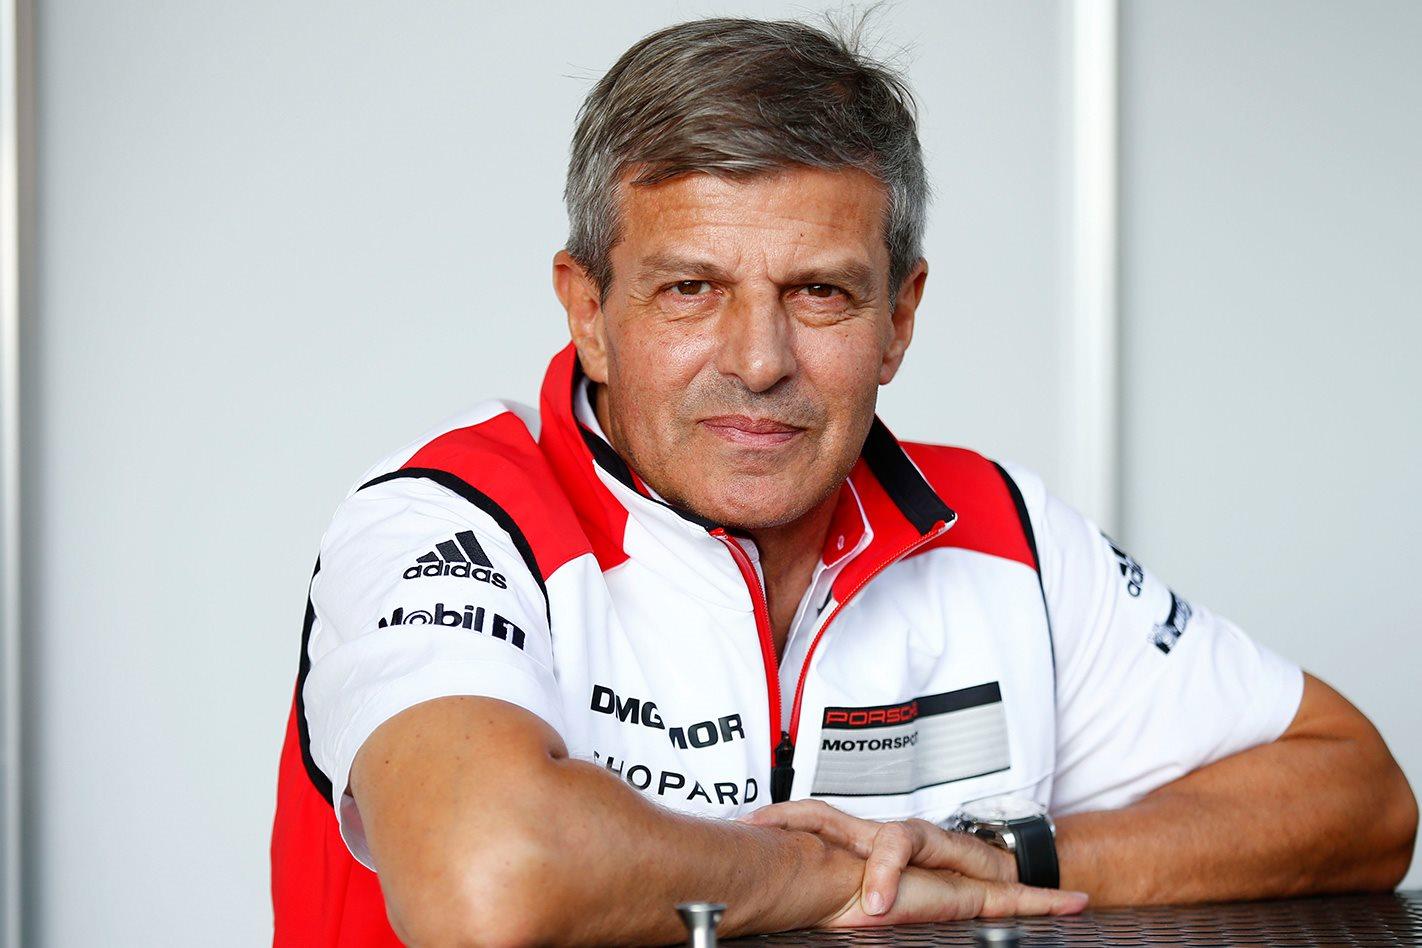 Fritz Enzinger Porsche motorsport figure